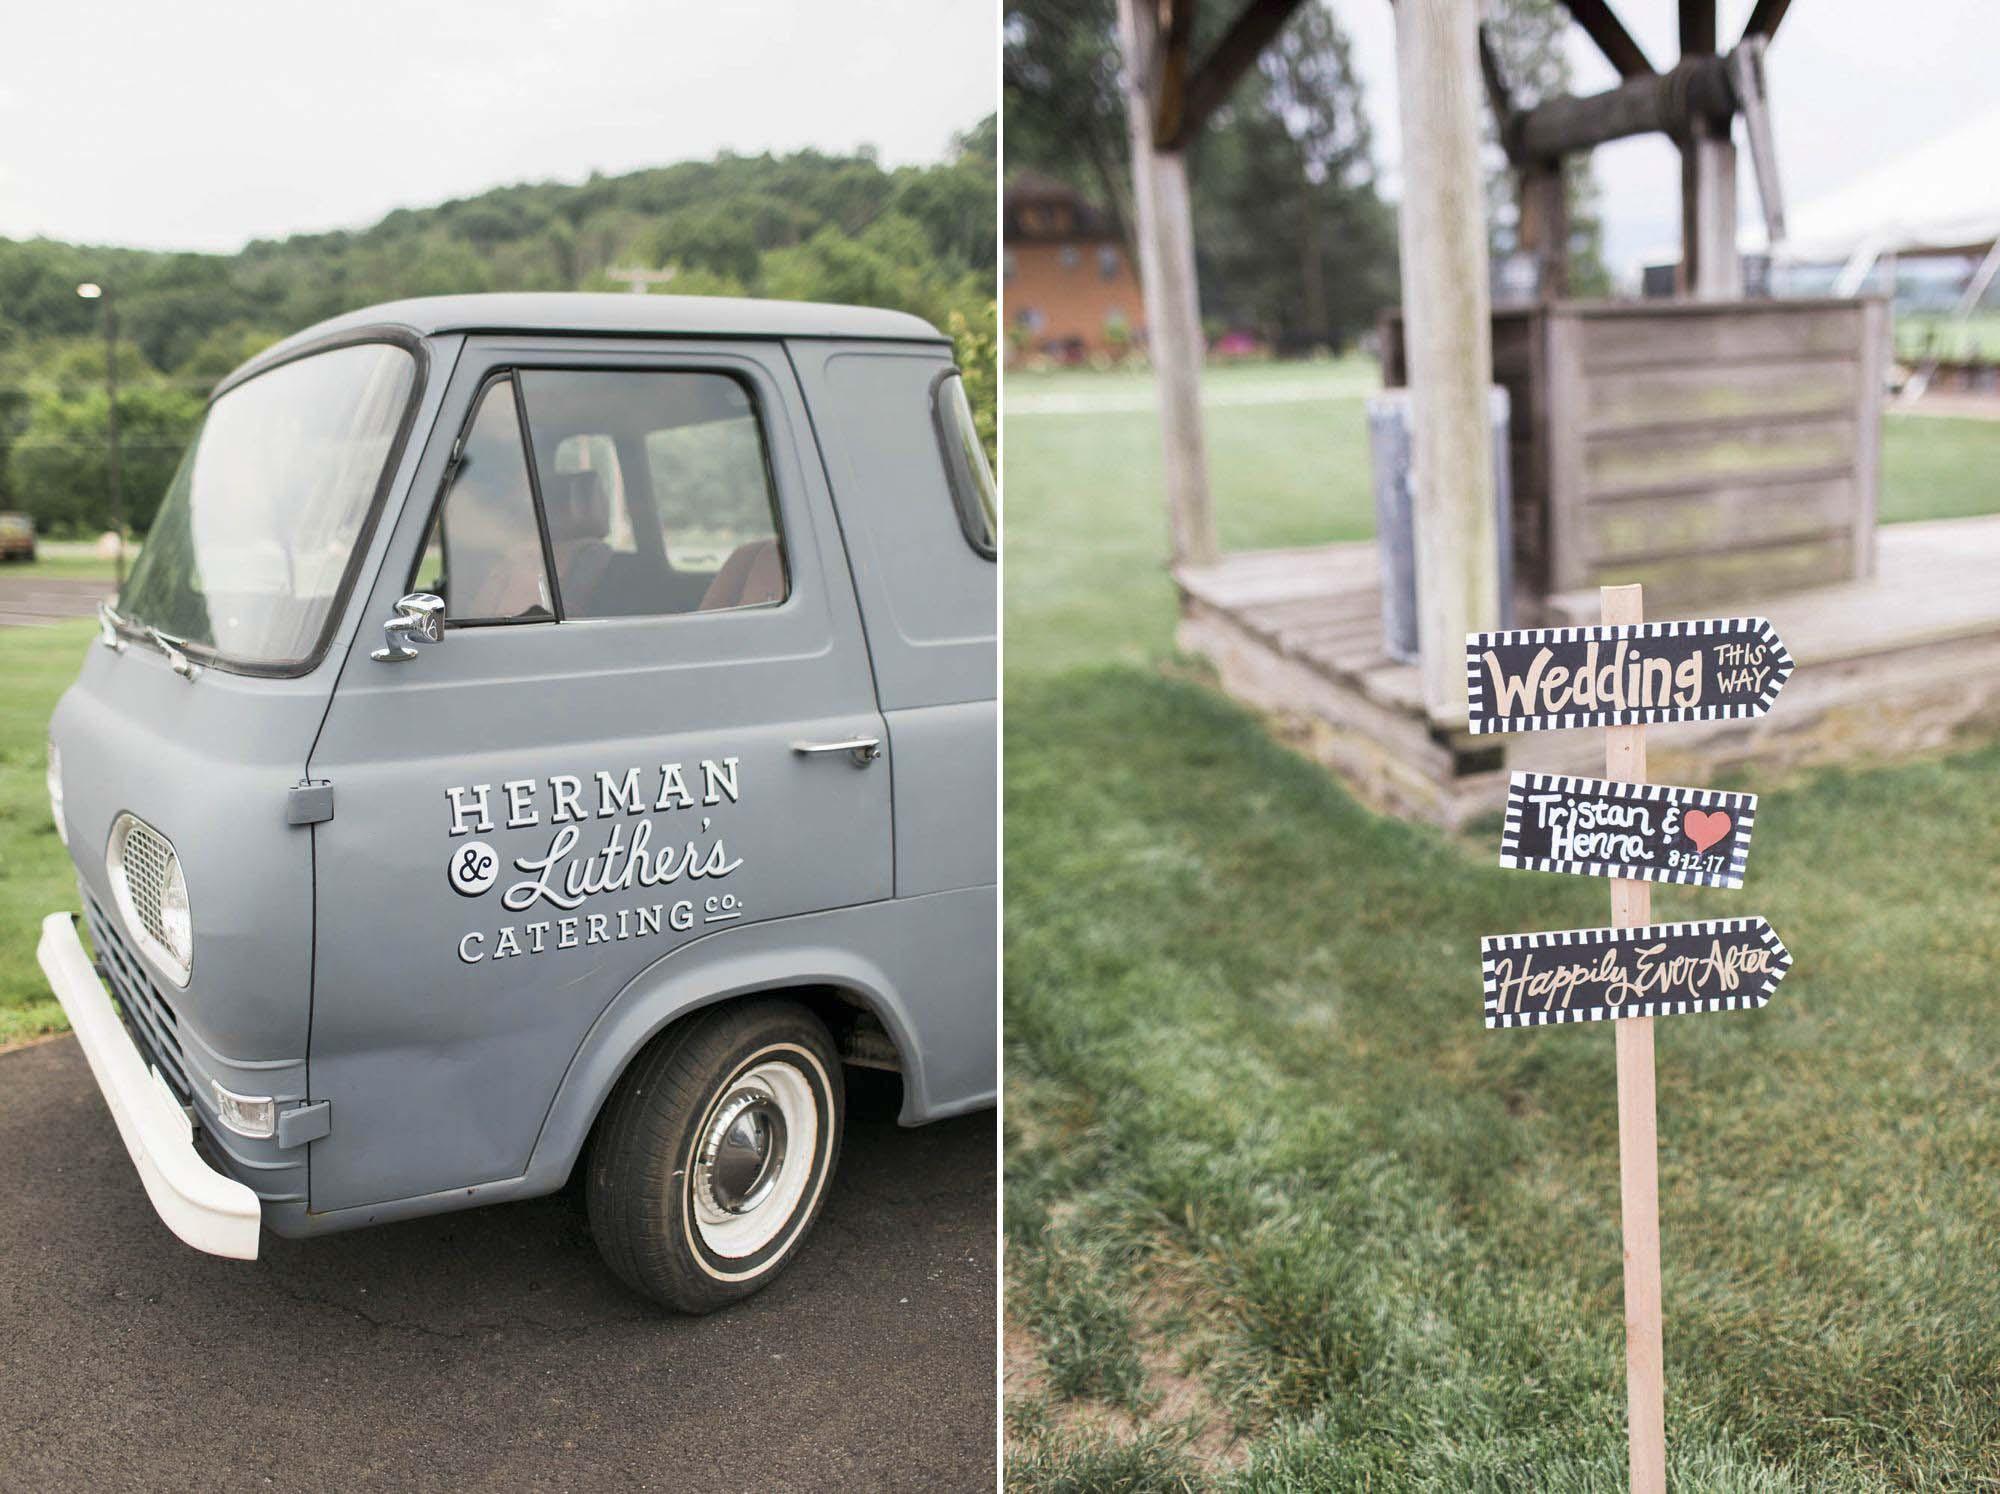 Herman-luthers-montoursville-mackenzie-childs-wedding